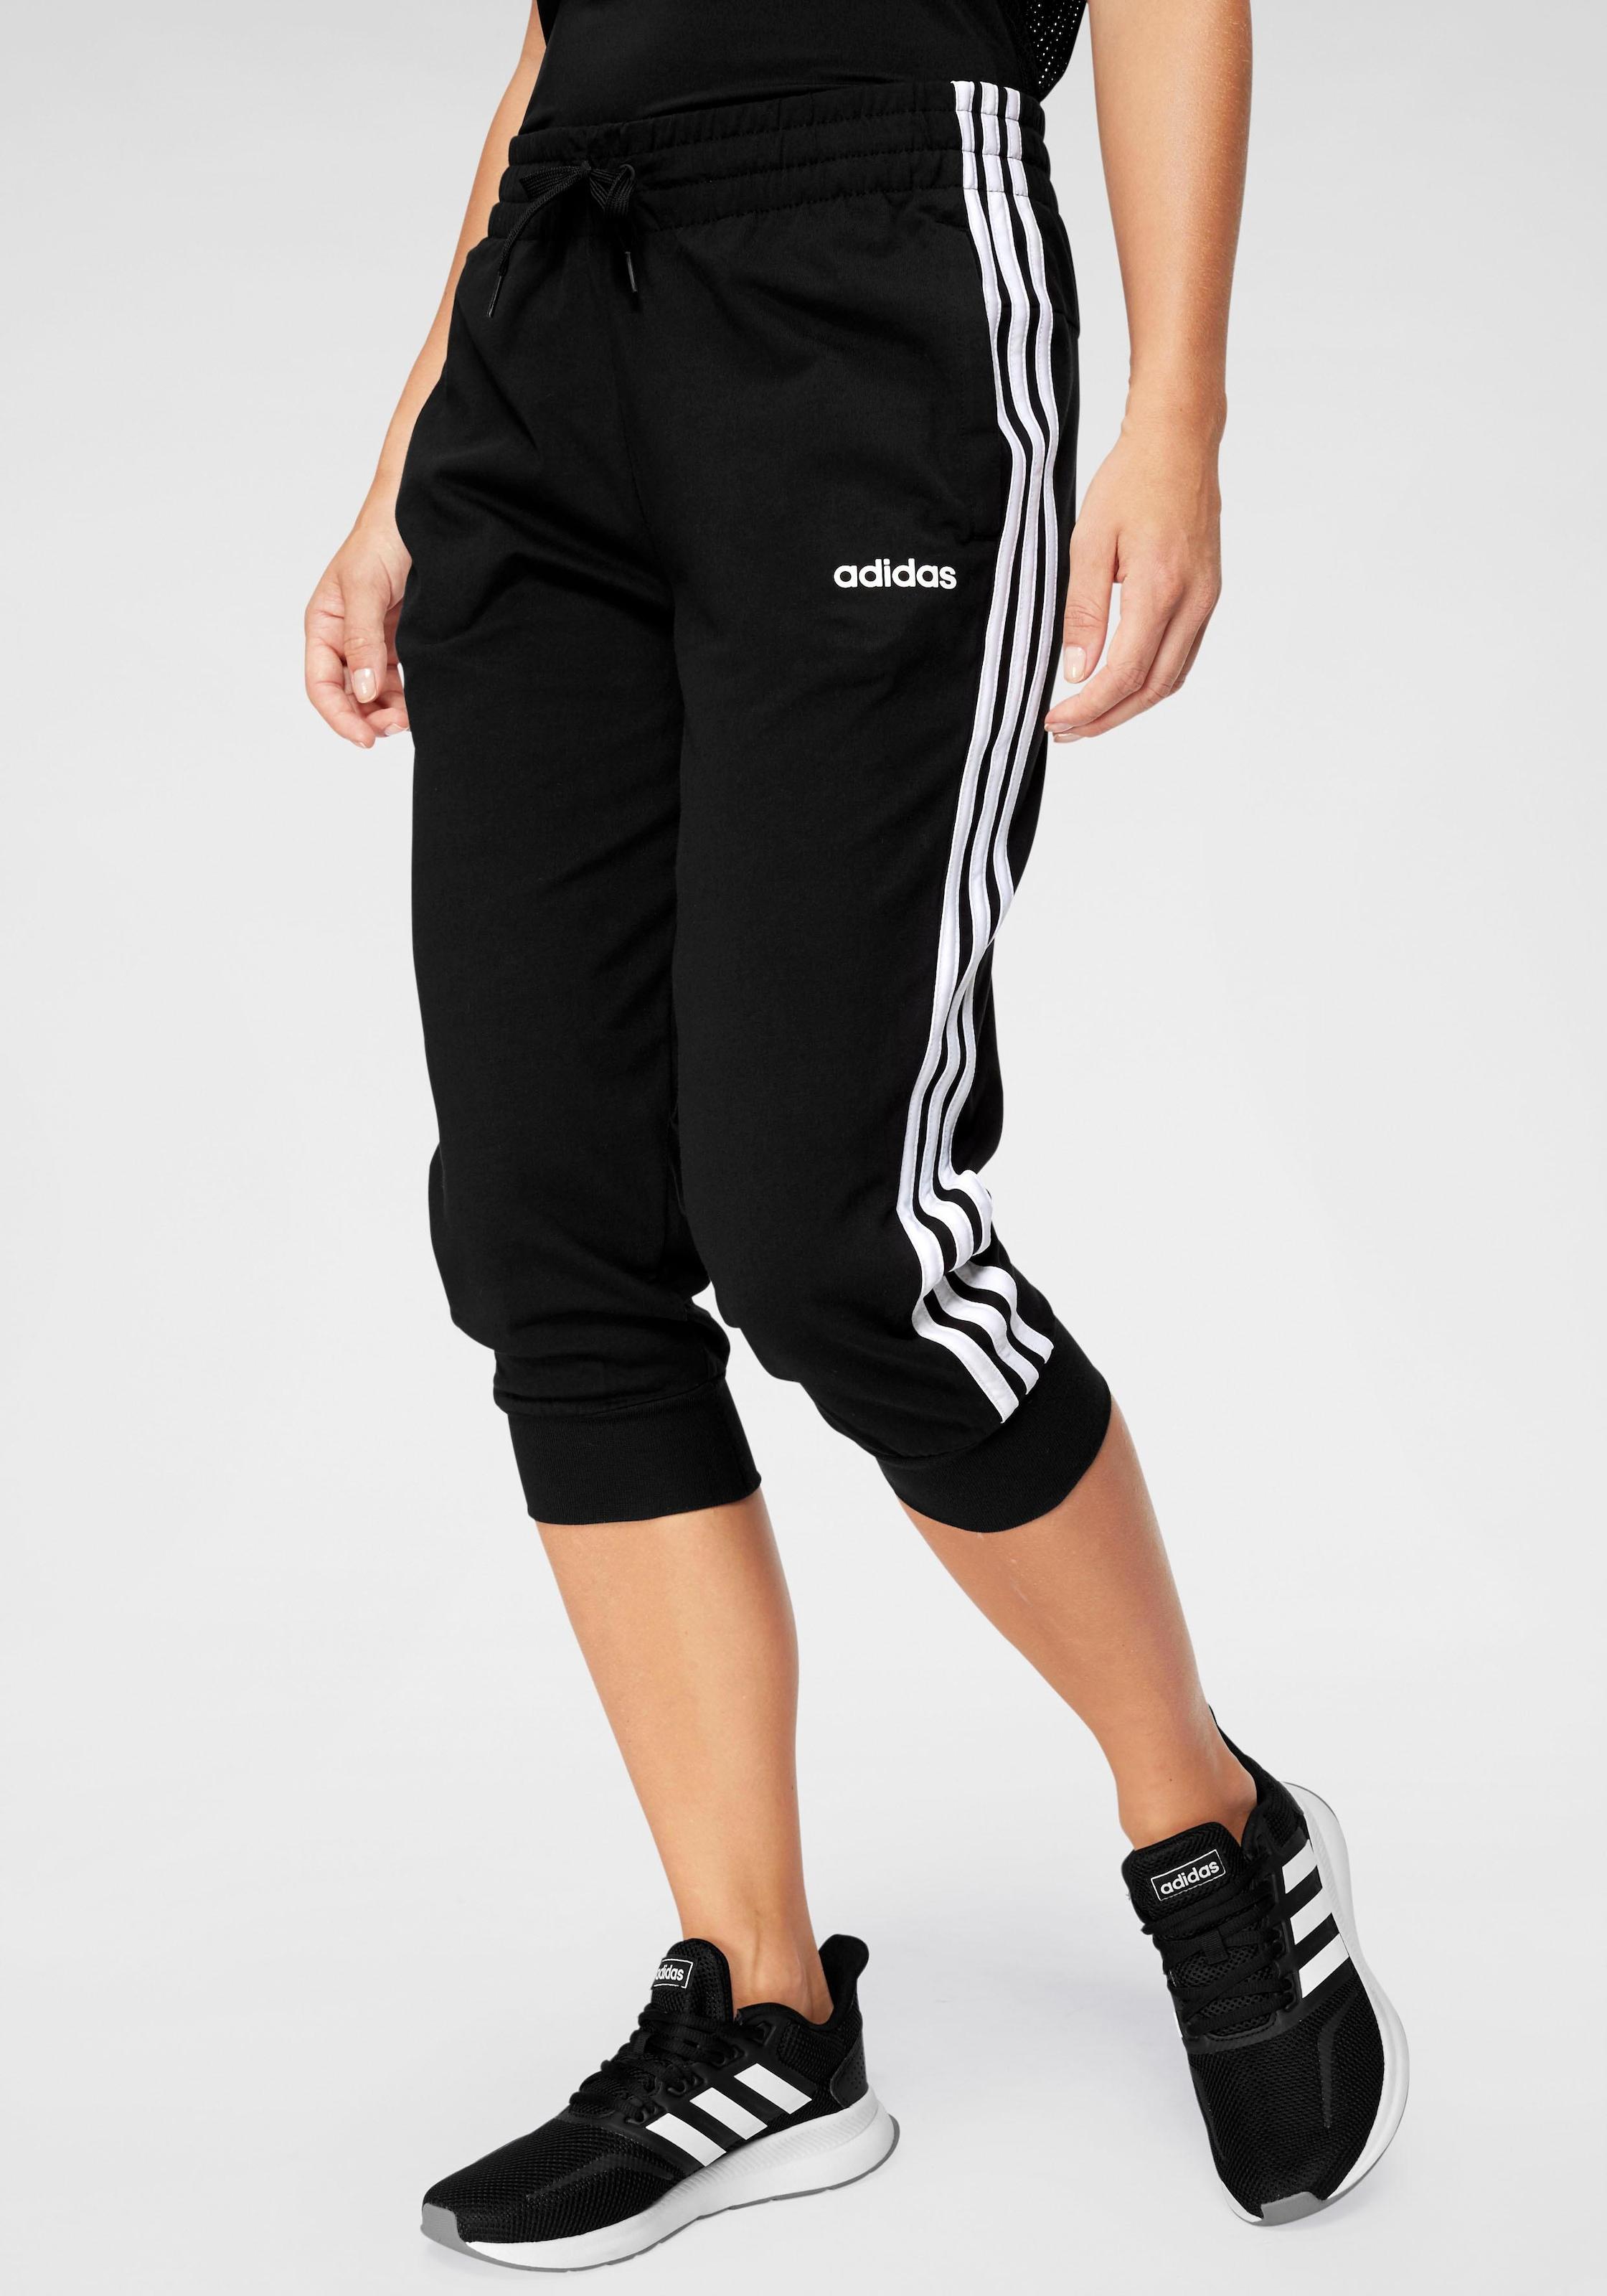 Image of adidas 3/4-Hose »3 STRIPES 3/4 PANT«